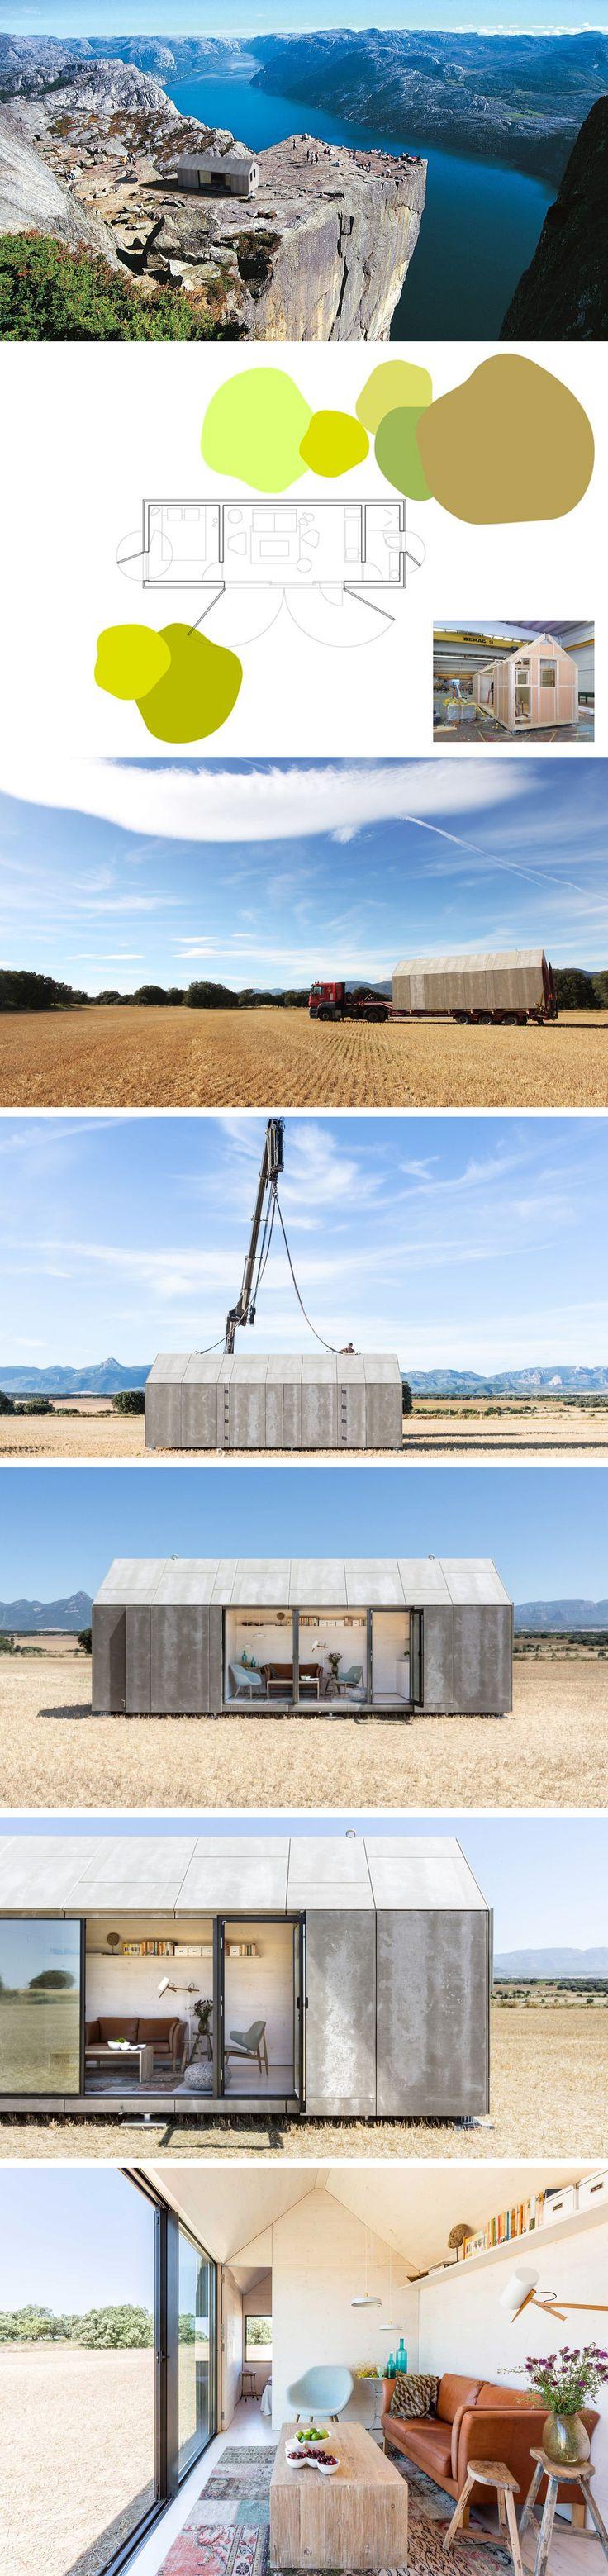 Een ontwerp van het Spaans architectenbureau, Ábaton. Het huis van 27m2 wordt in 8 weken gebouwd, vervoerd en met een hijskraan neergezet op de plek van bestemming. Het buitenblad is gemaakt van grijze cement houtvezelplaten Binnen is het afgewerkt met witgeschilderd lokaal naaldhout [10 cm isolatie]. De grote raampartij  kunnen worden afgesloten  De materialen zorgen voor een stoer en industrieel uiterlijk. Het zet ons in ieder geval weer aan het dromen over een zelf te bouwen huis.